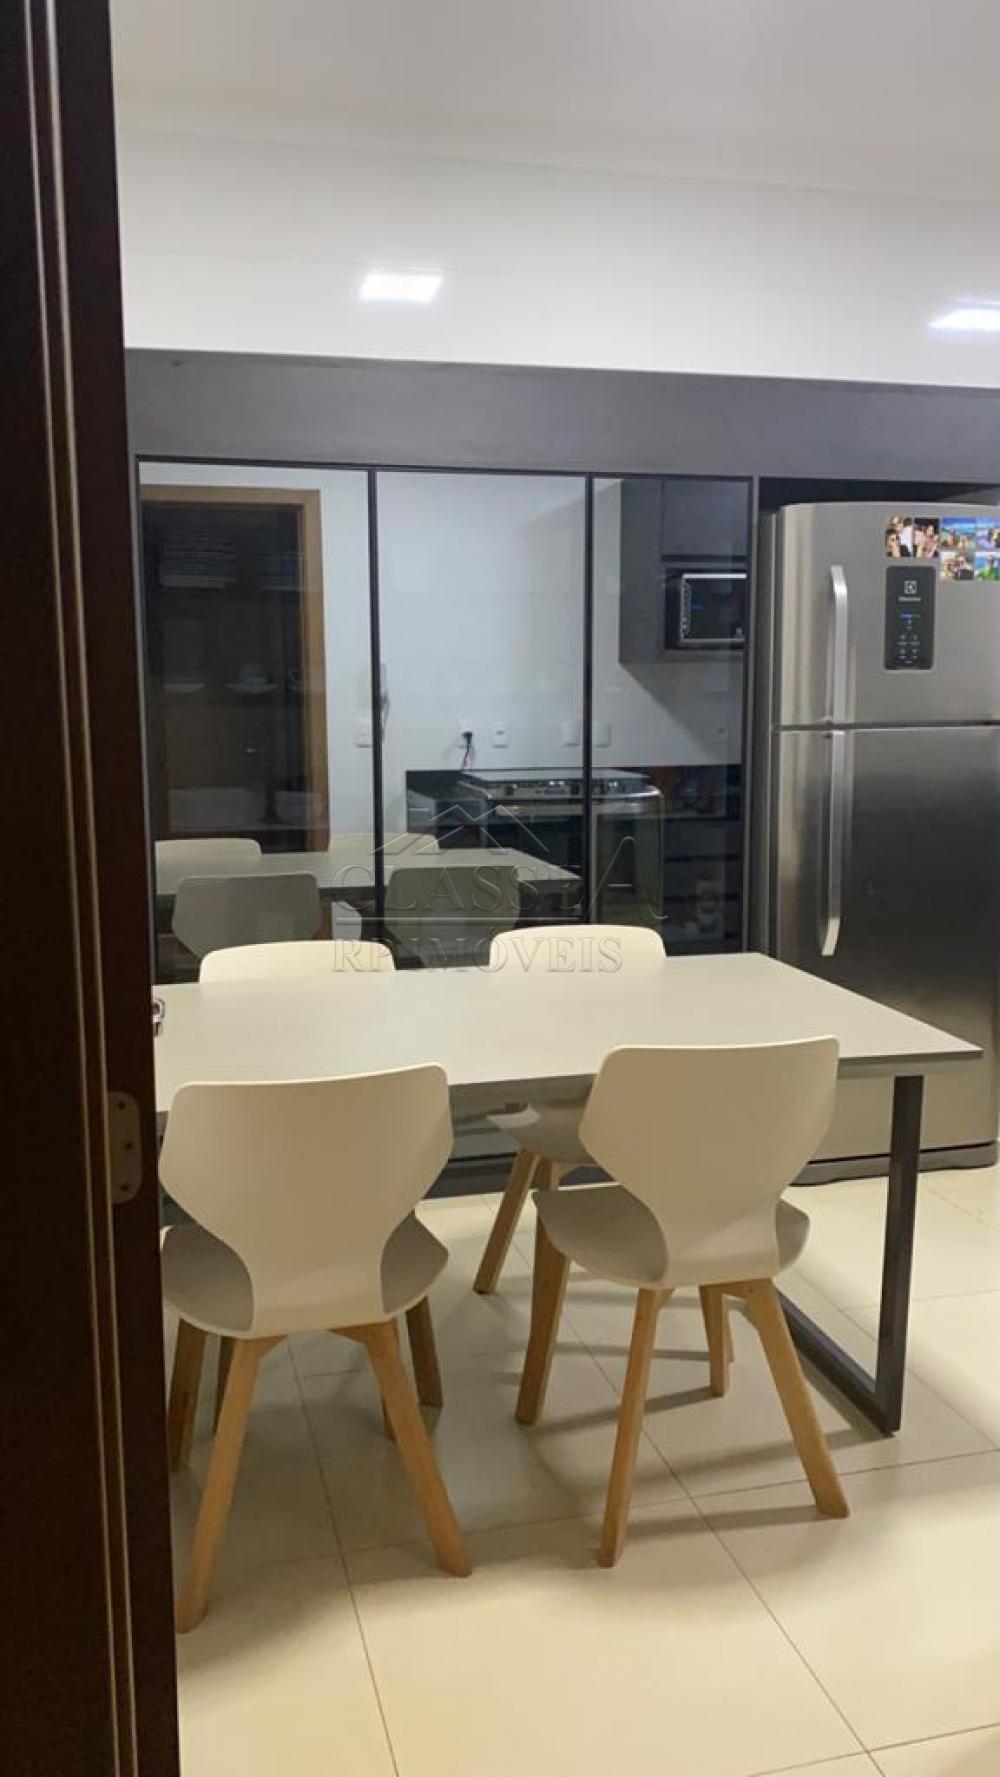 Alugar Apartamento / Padrão em Ribeirão Preto R$ 5.500,00 - Foto 5